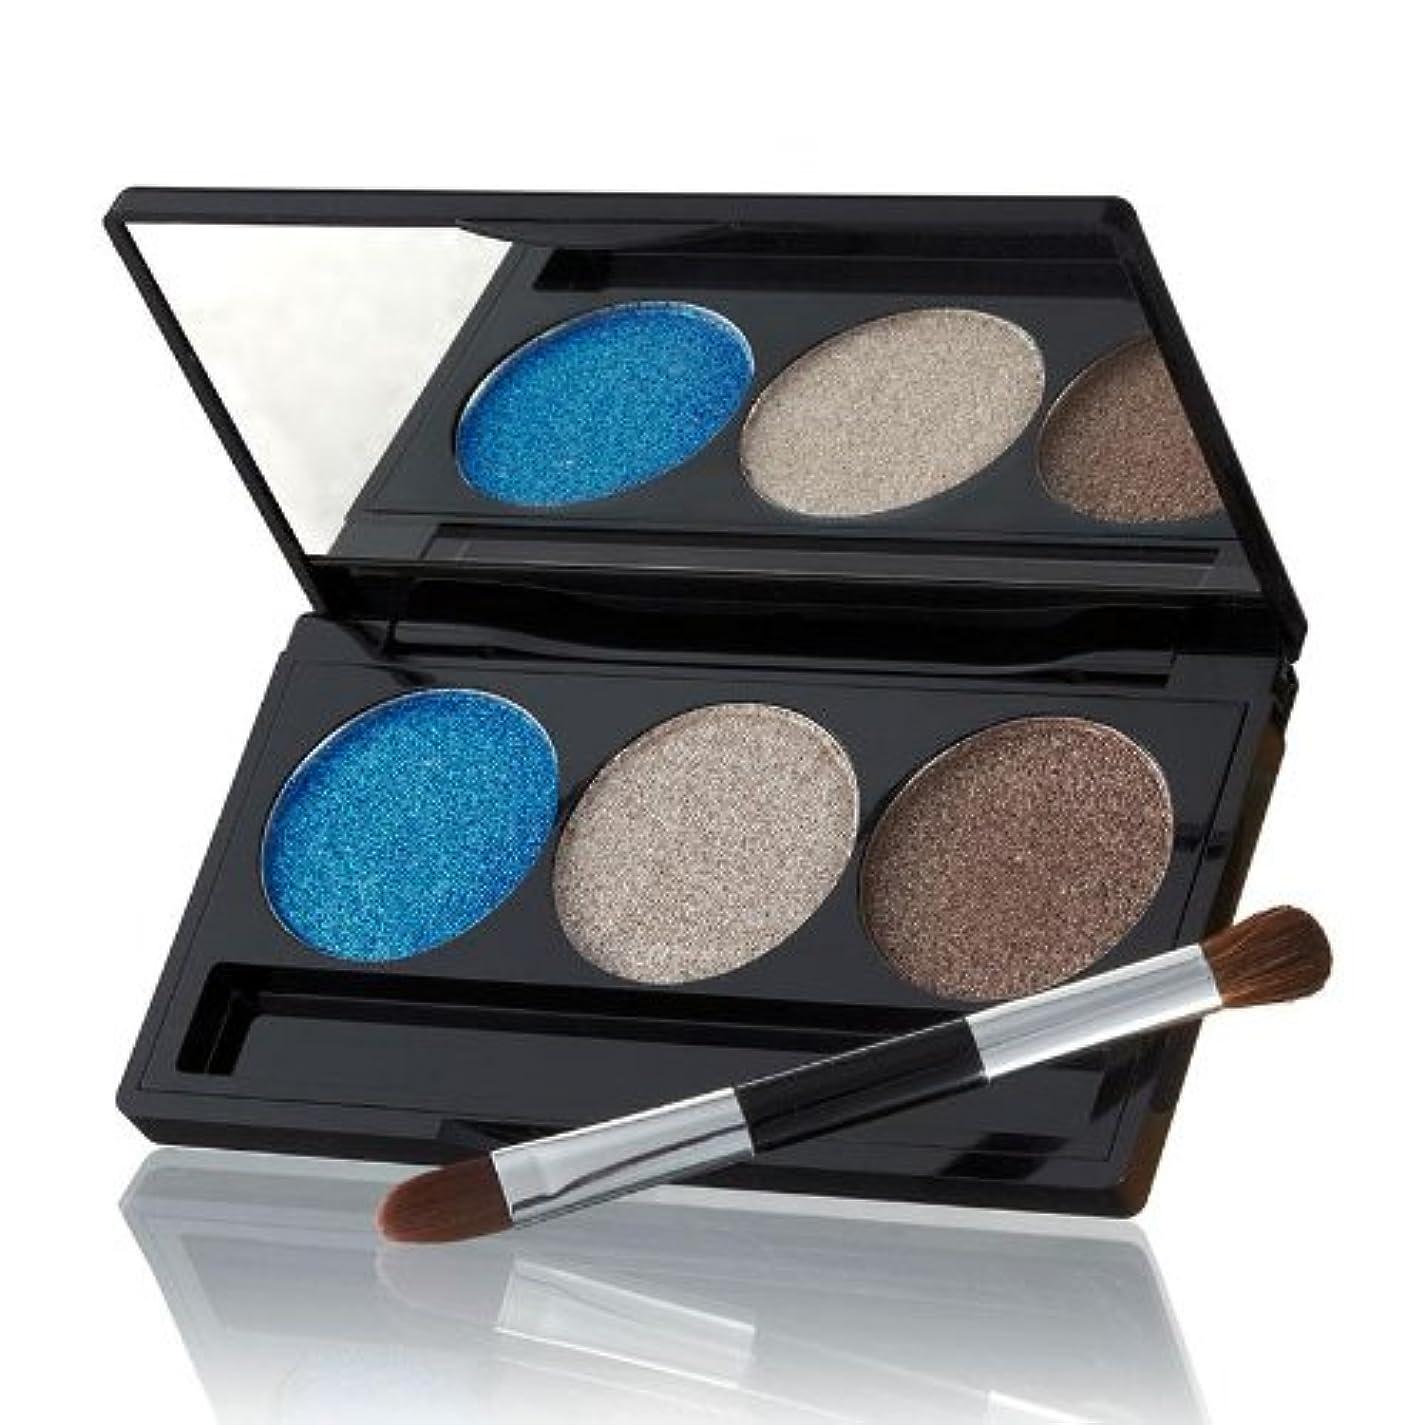 アームストロング決めます誘発するローラ?ゲラー Baked Cream Glaze Trio Eyshadow Palette With Brush - # Sandy Lagoon 3g/0.1oz並行輸入品